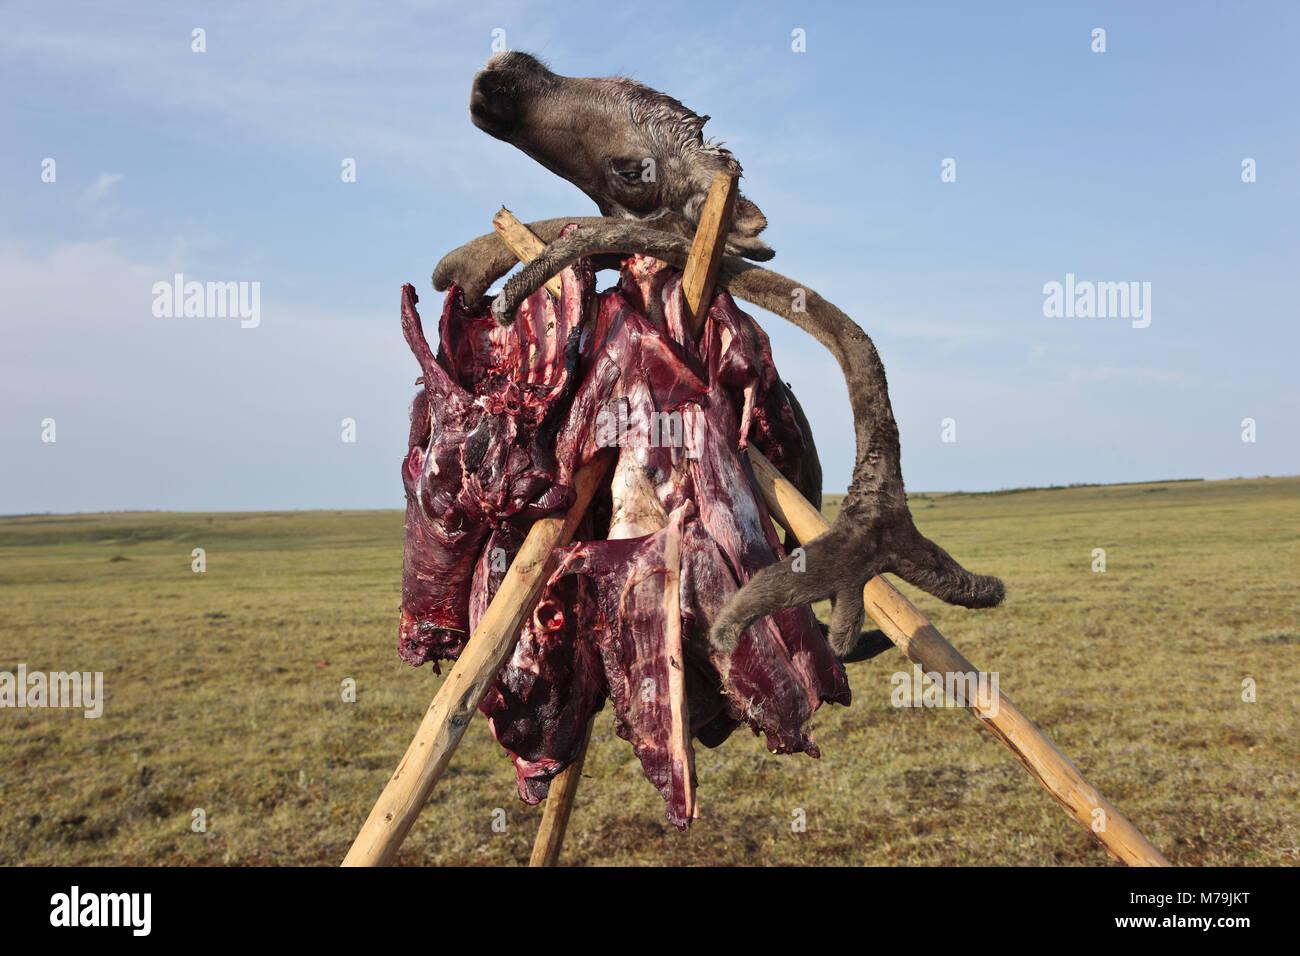 Asia, Russia, Siberia, region of Krasnojarsk, Taimyr peninsula, slaughtered reindeer, - Stock Image